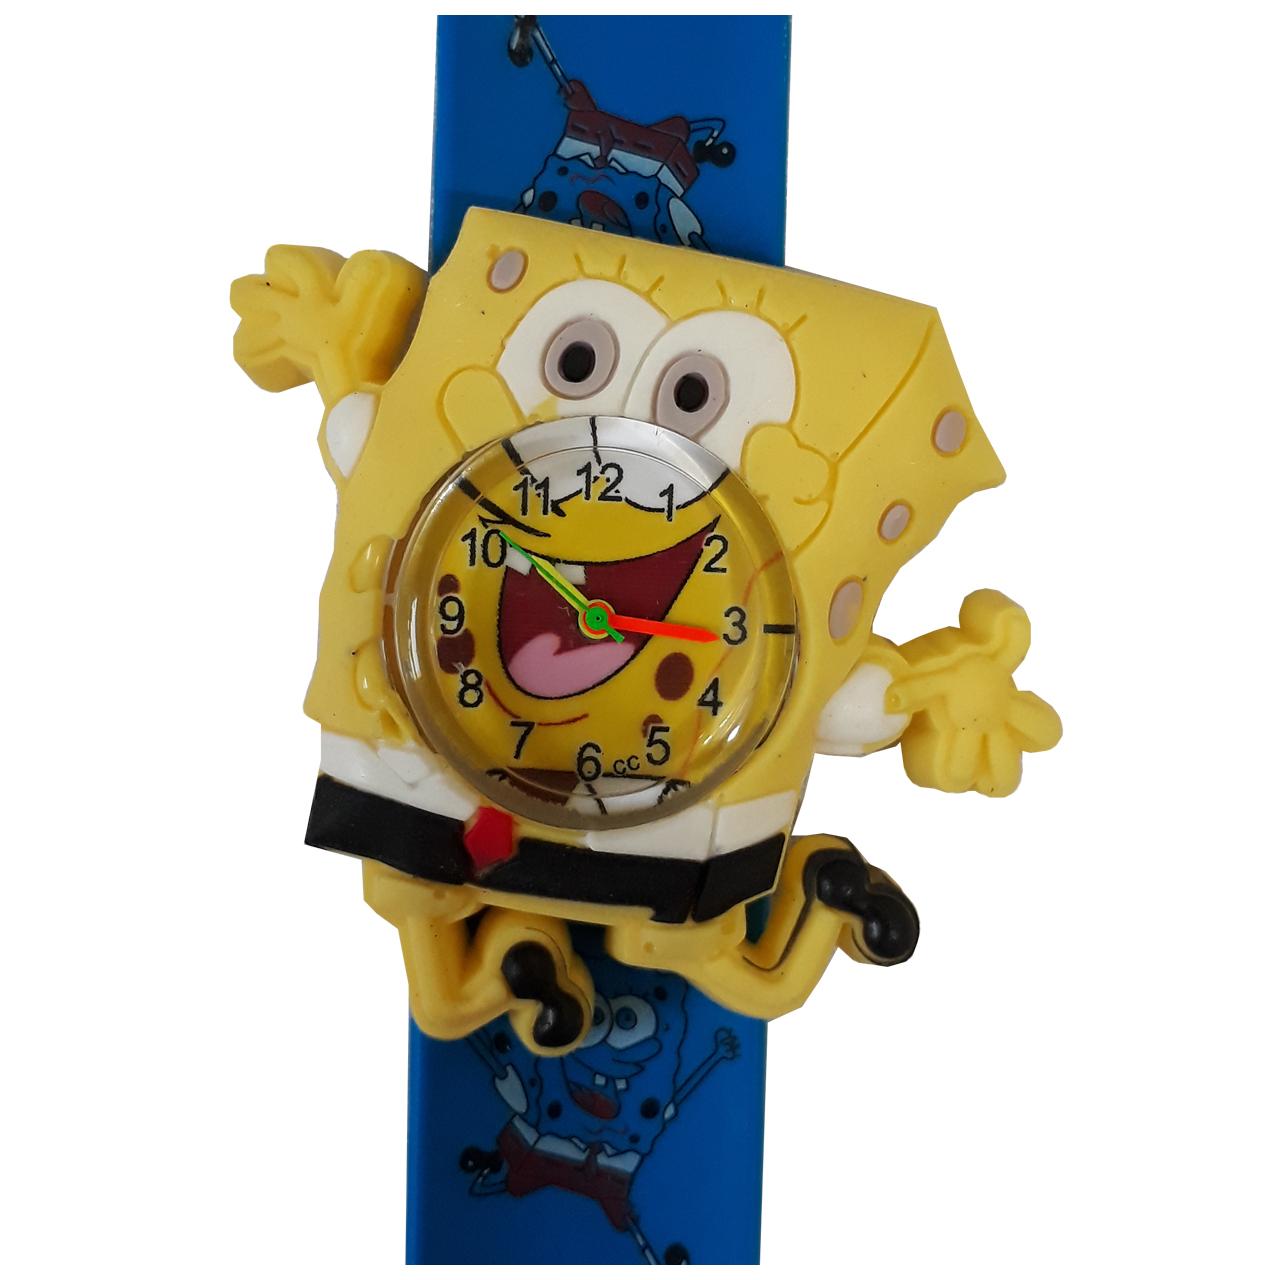 ساعت مچی عقربه ای بچگانه مدل باب اسفنجی عروسکی کد 904